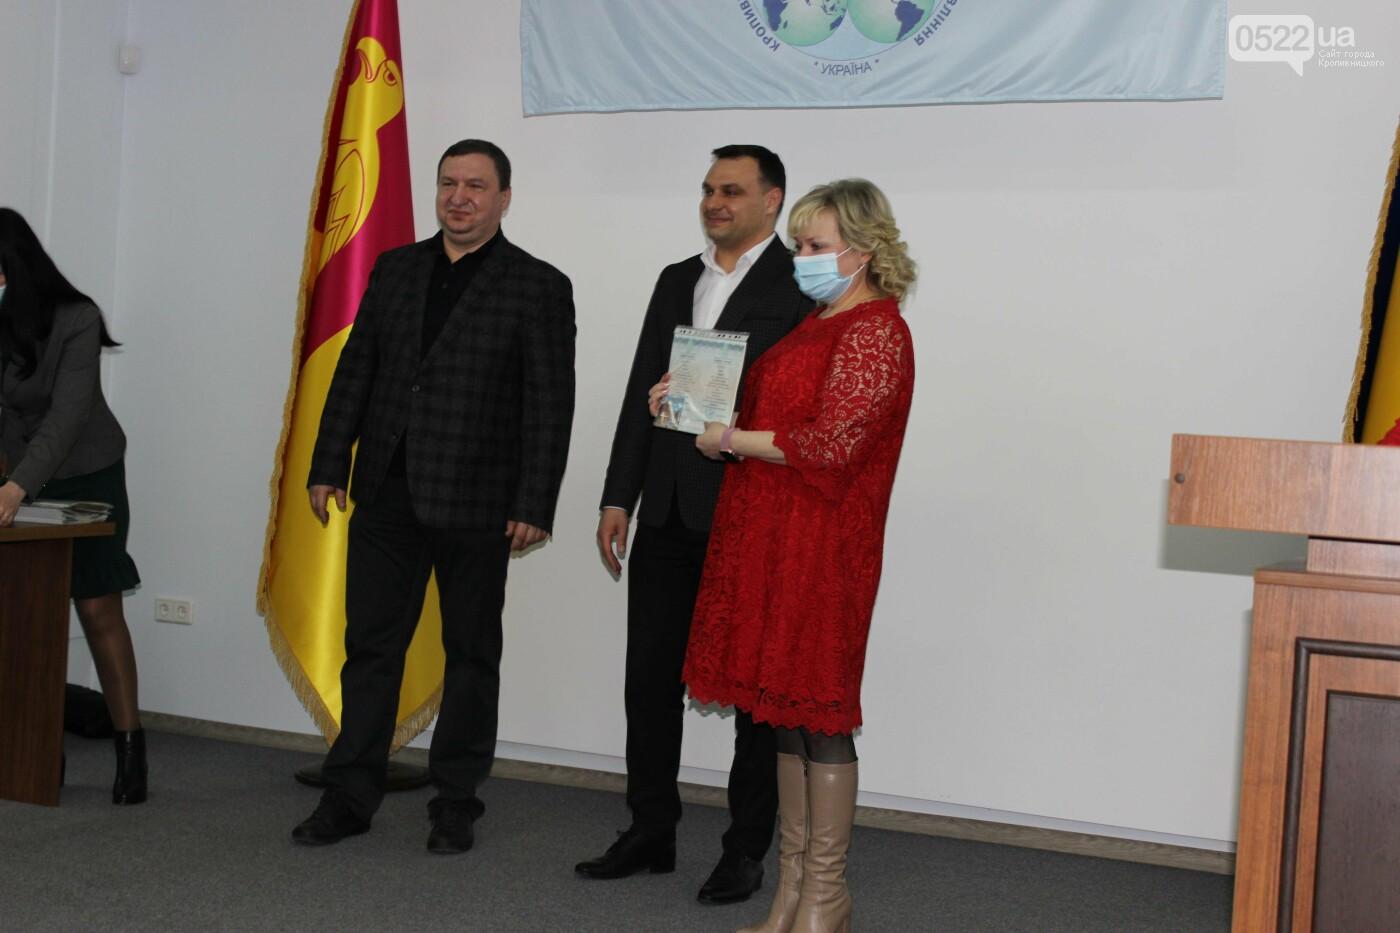 У Кропивницькому відбулась знакова подія - вручення дипломів магістрам, фото-4